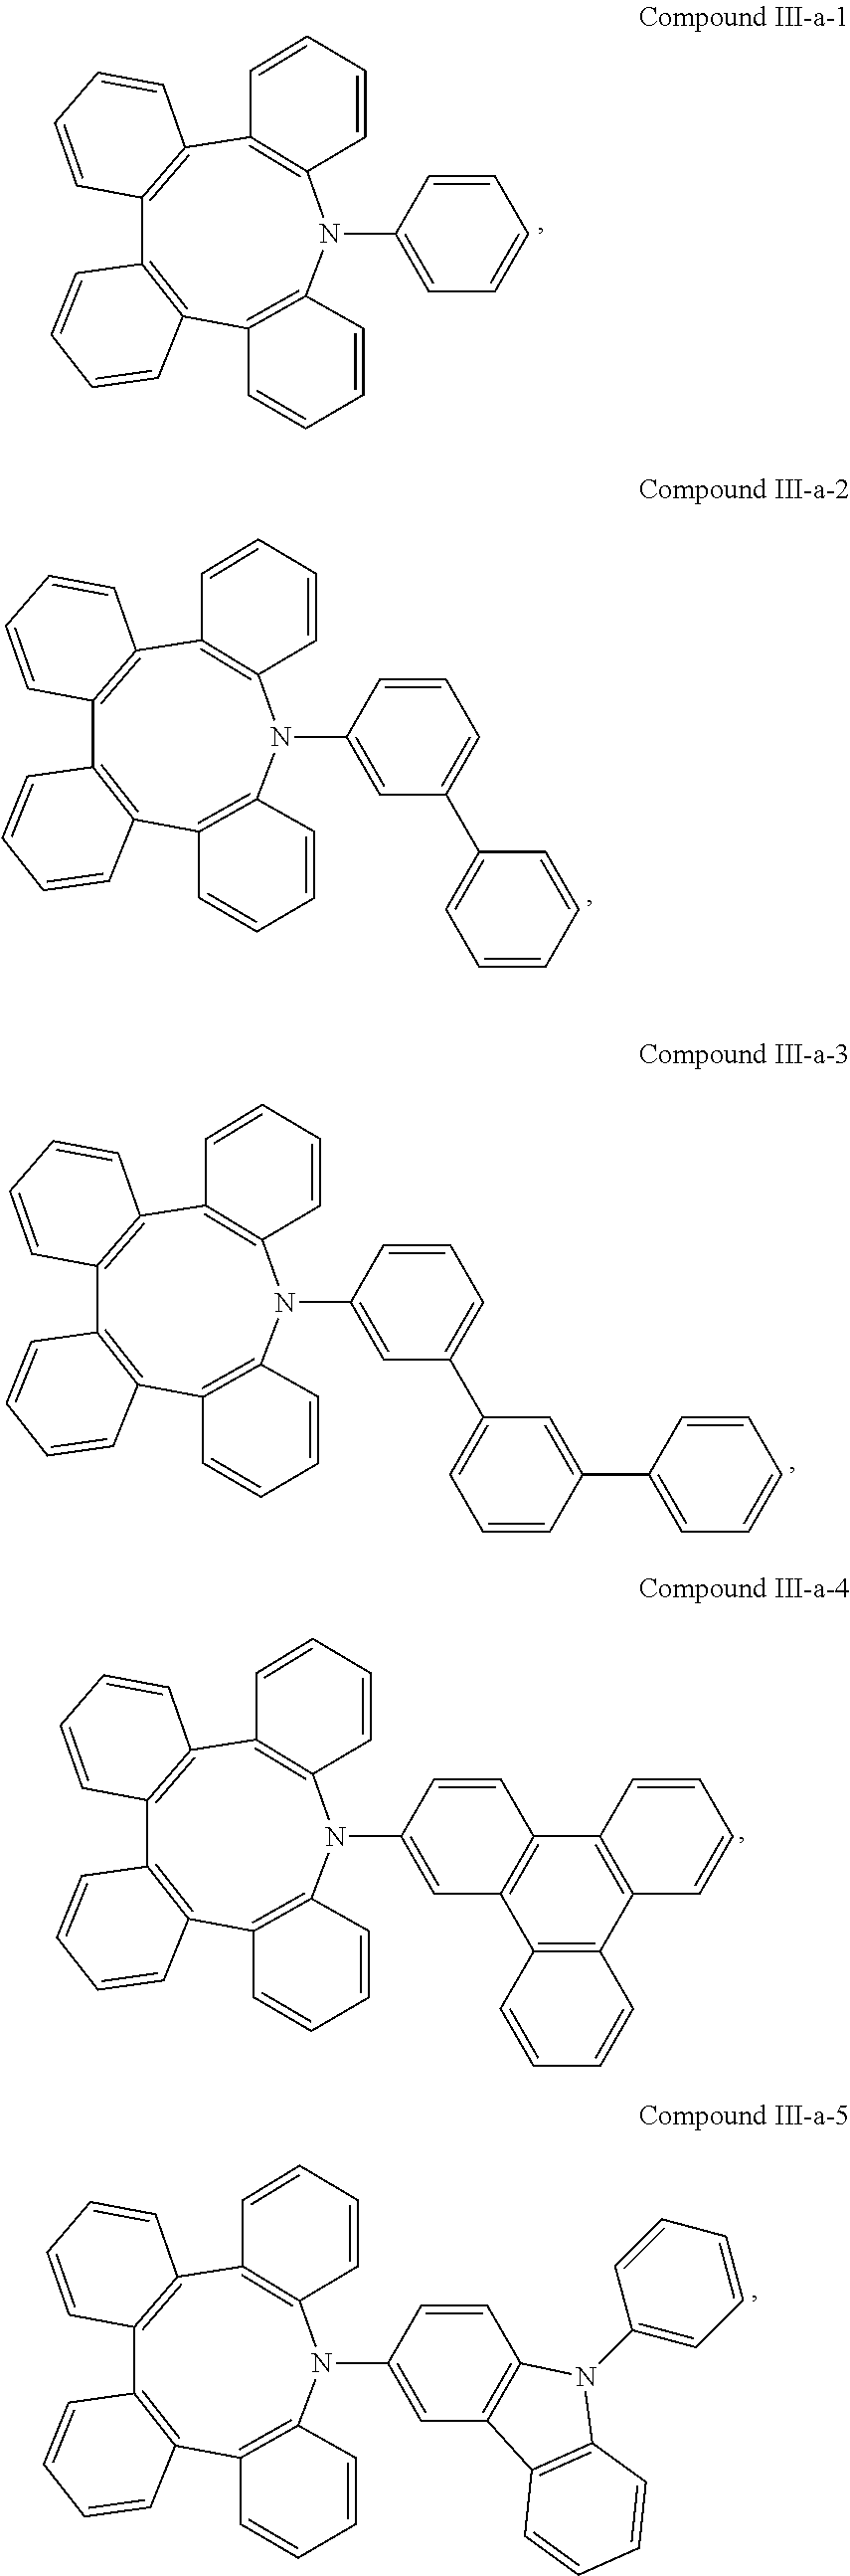 Figure US09978956-20180522-C00009